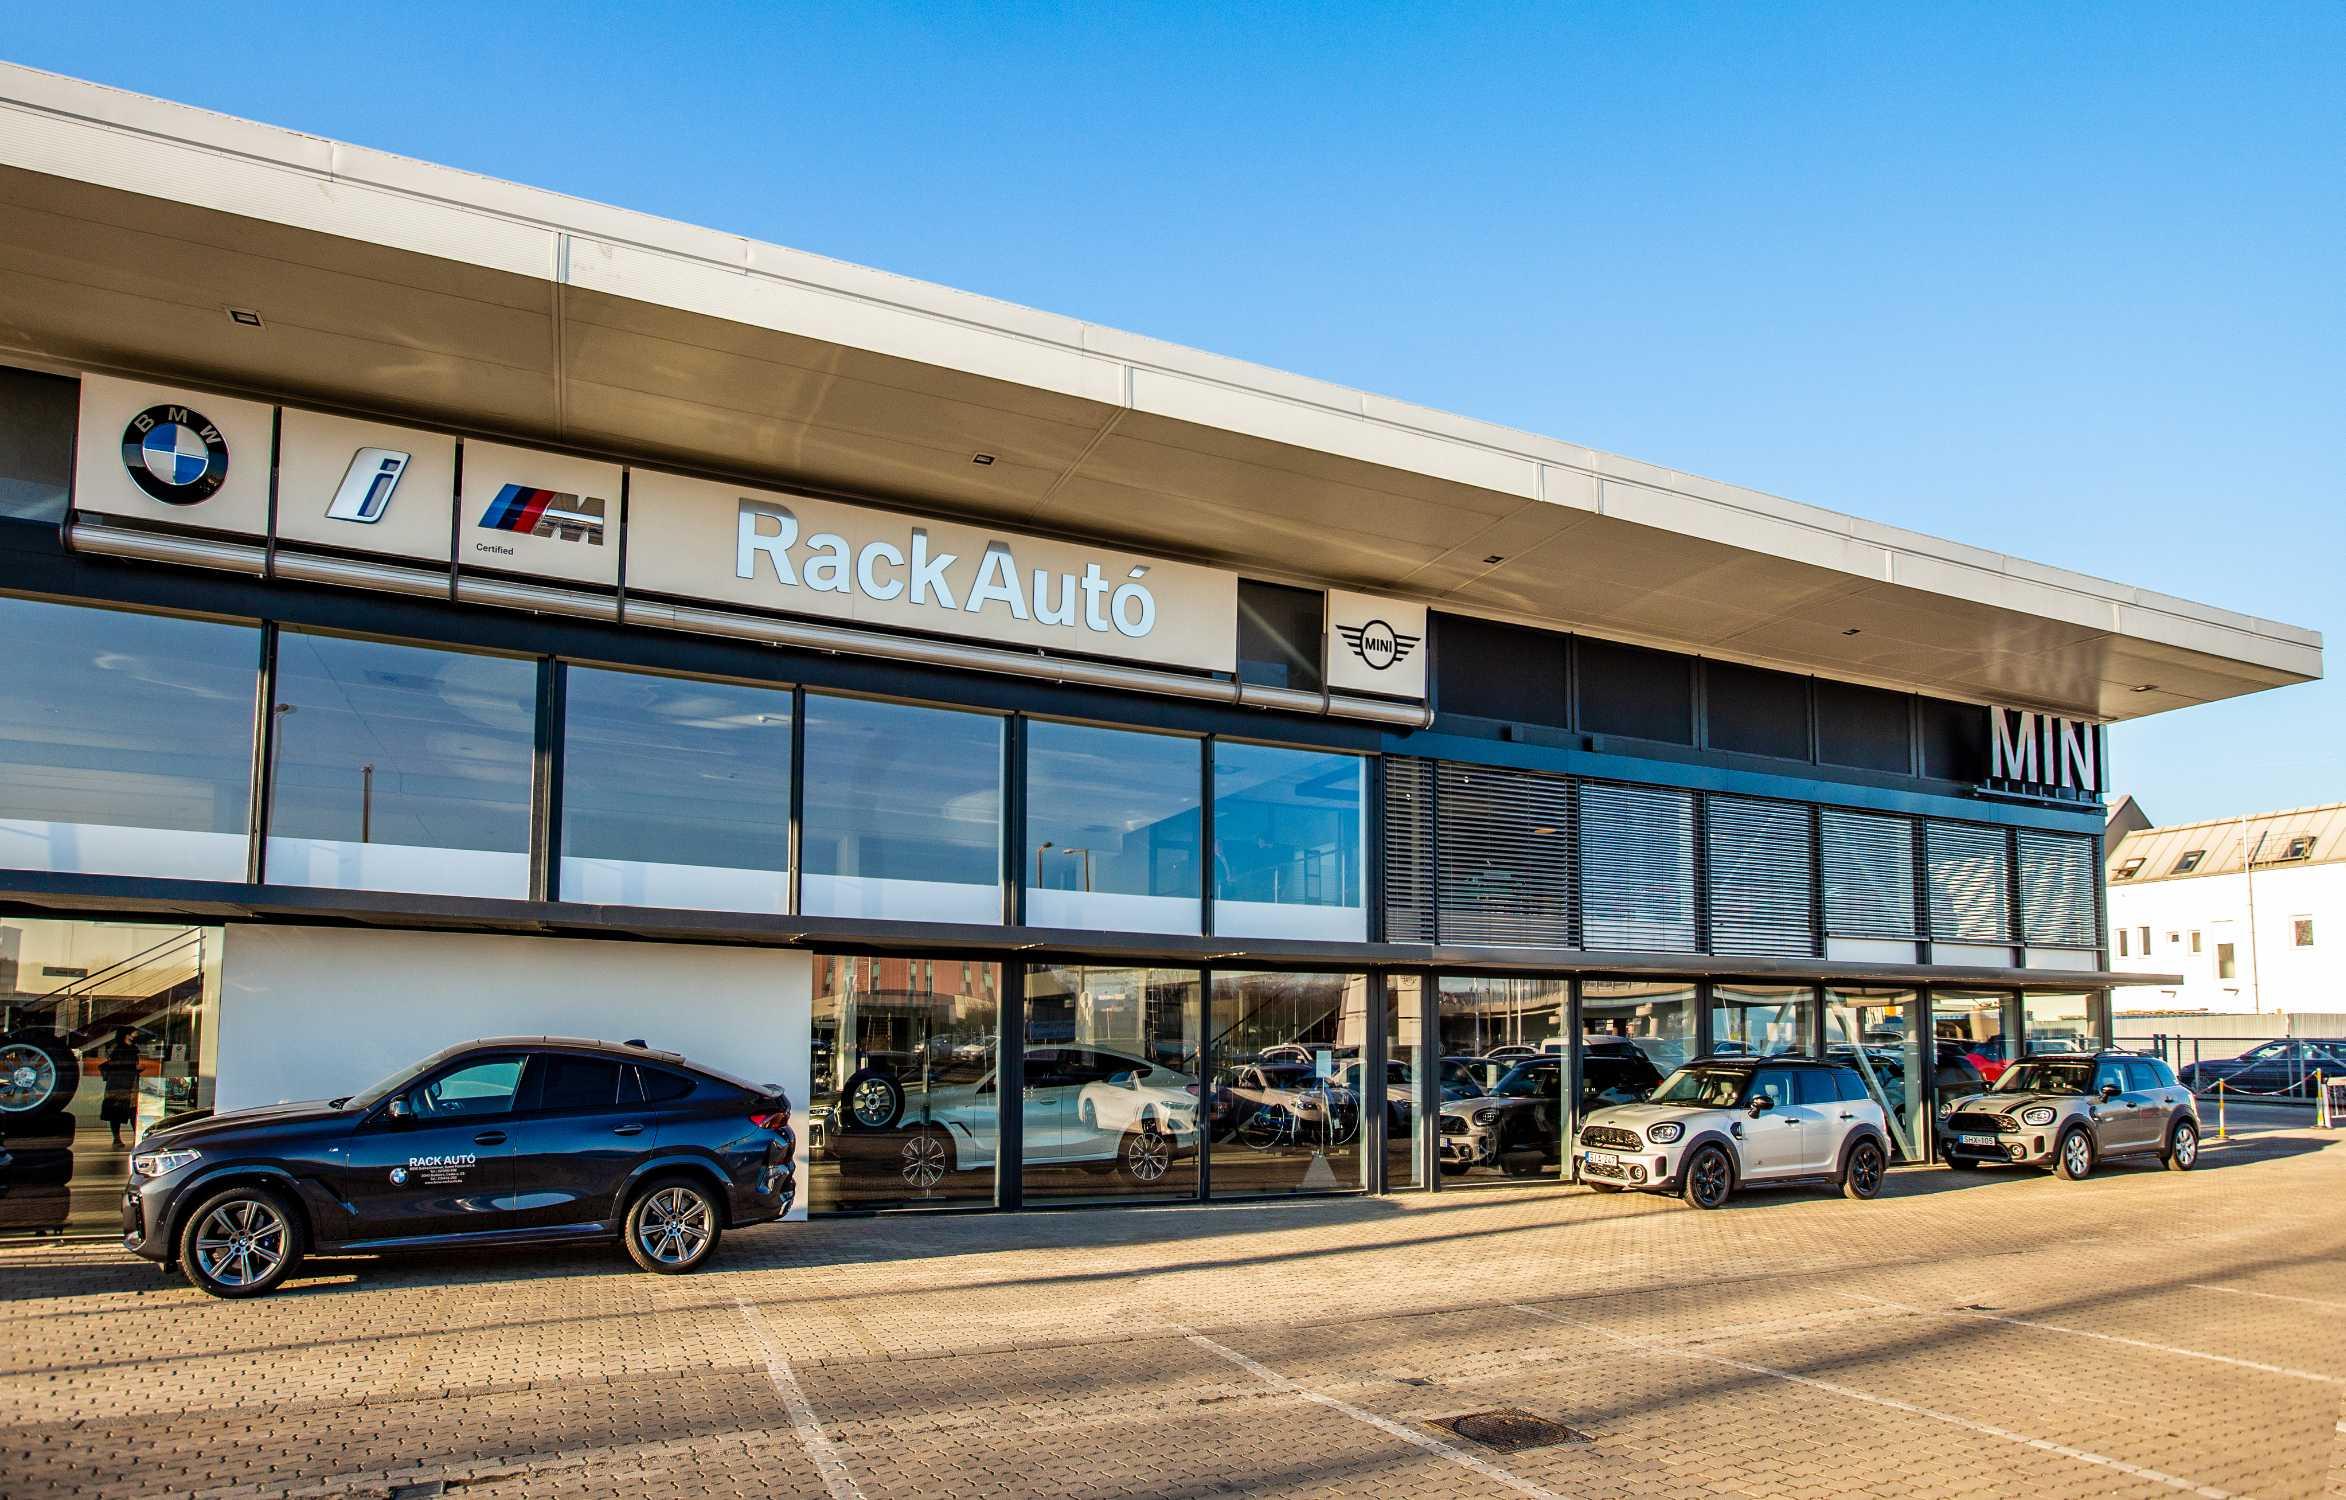 Rack Auto Opens Mini Showroom In Budaors 03 2021